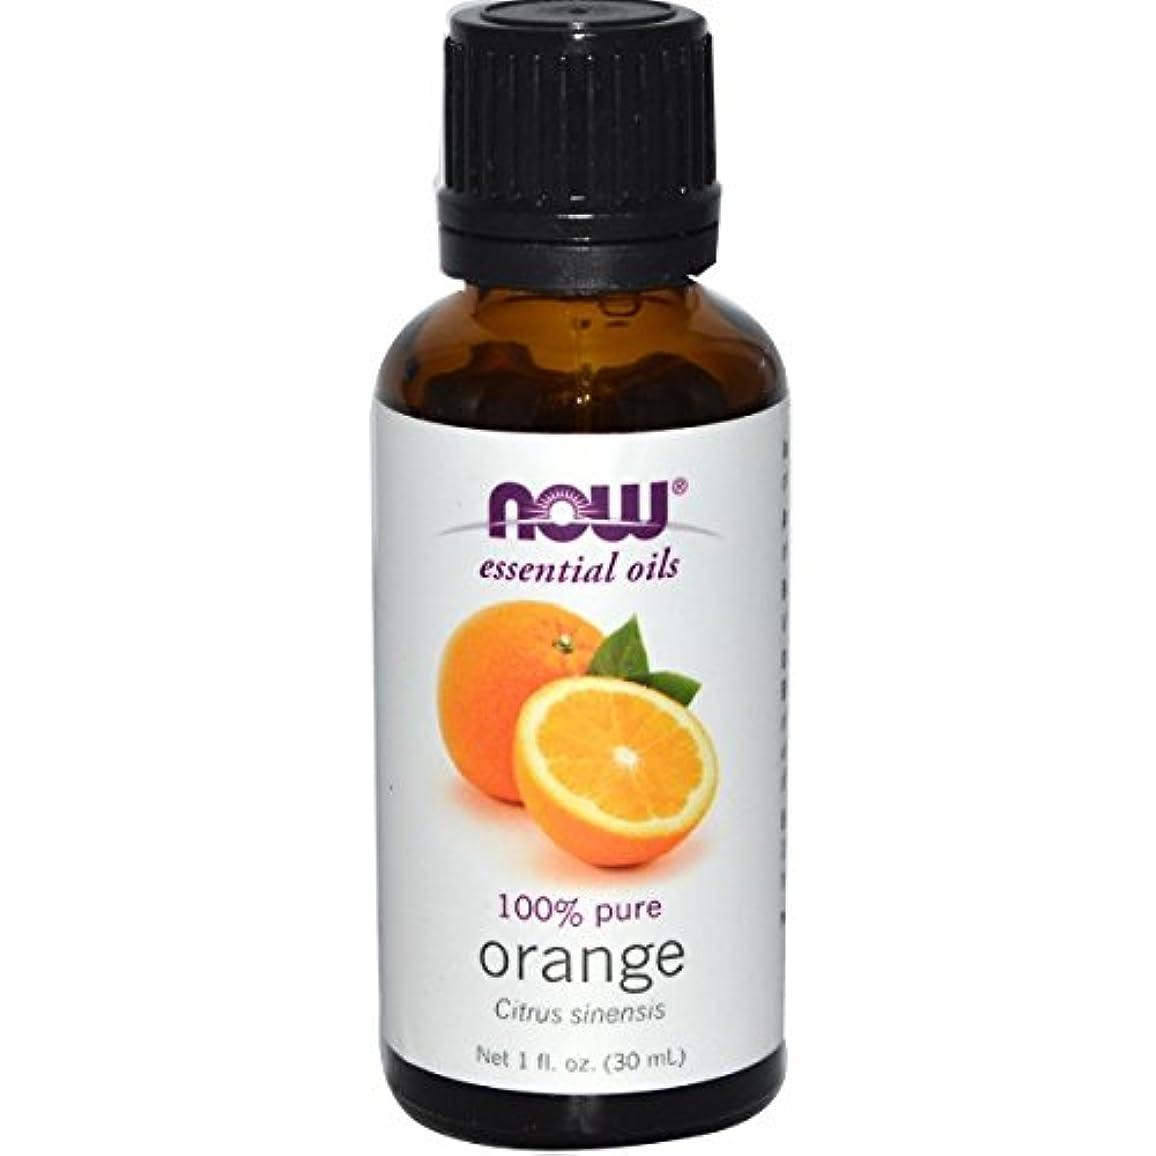 薬理学メイト悪因子NOWエッセンシャルオイル オレンジ精油 アロマオイル 30ml 【正規輸入品】